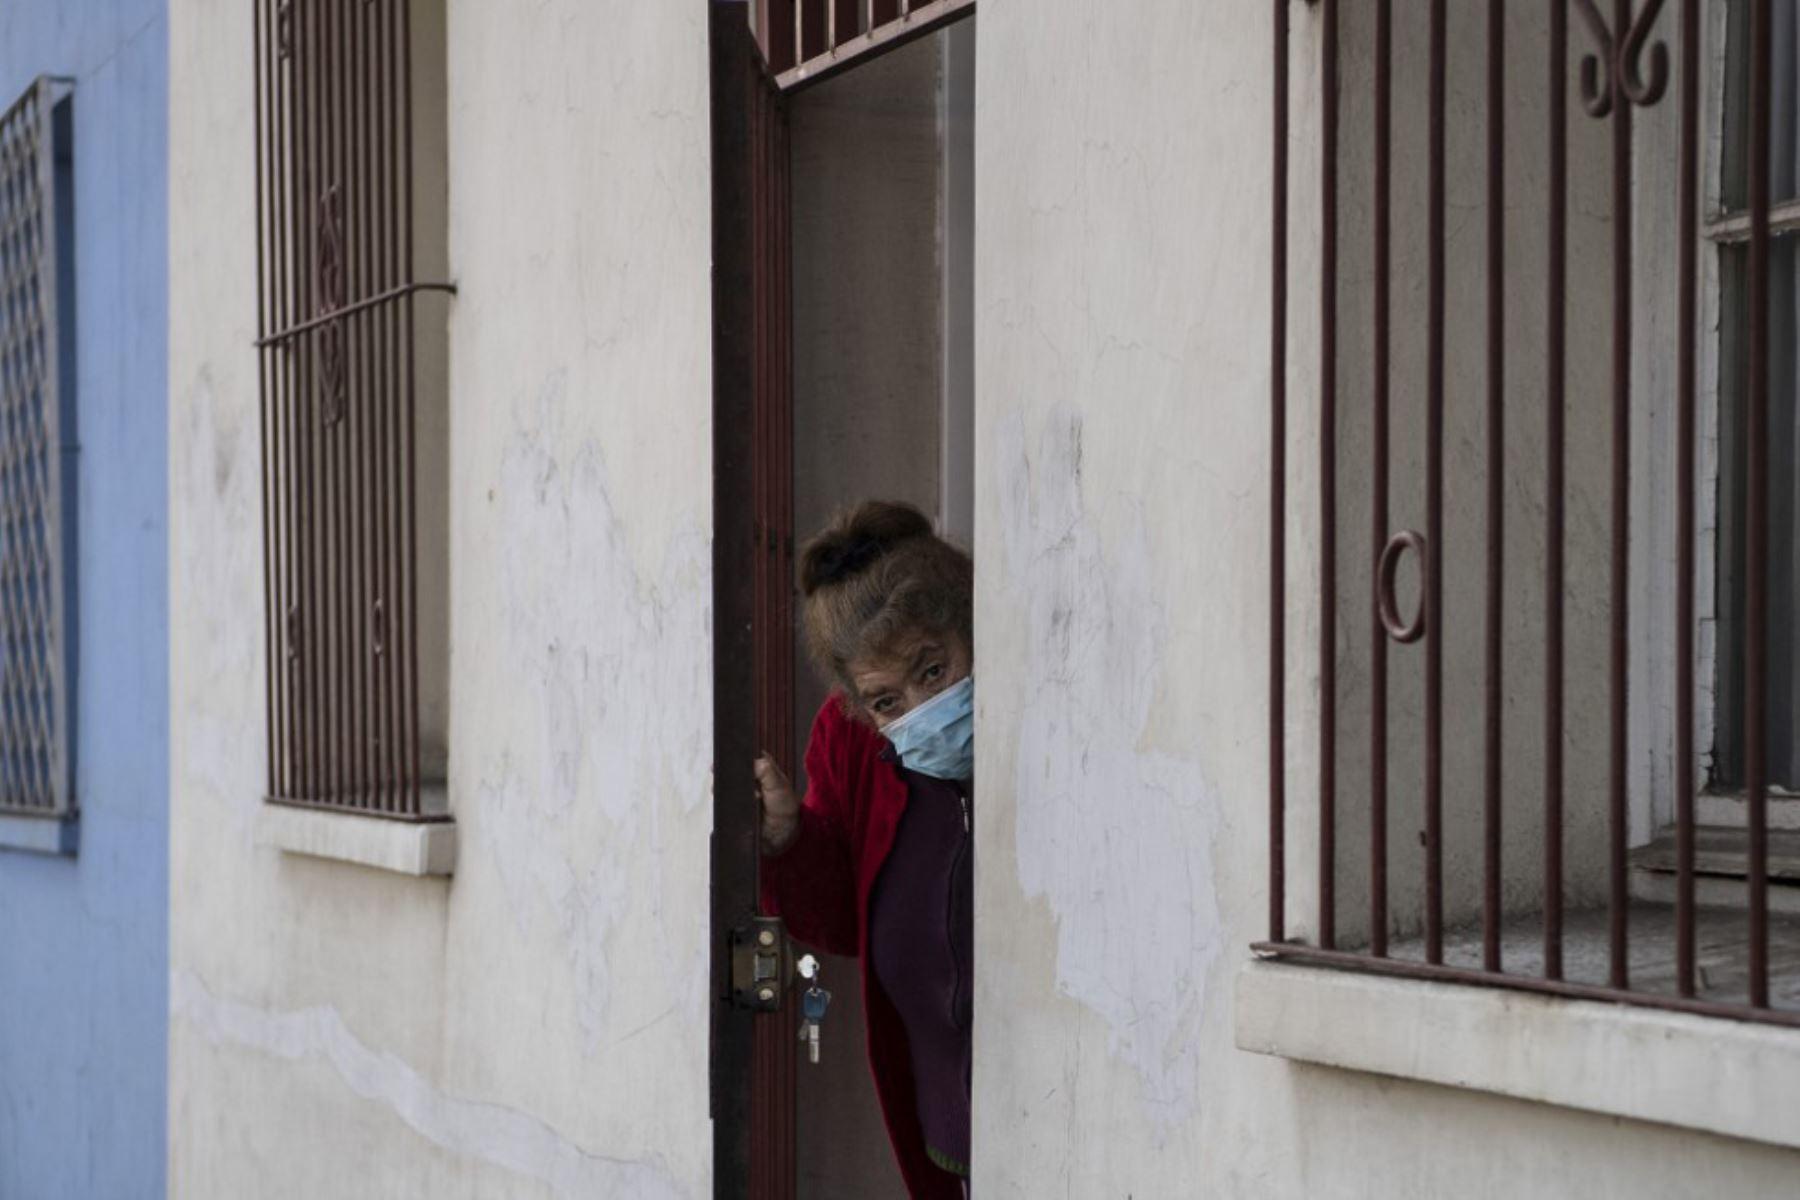 Una mujer con una máscara facial observa la entrega de cajas con alimentos por parte de trabajadores municipales a familias económicamente afectadas, en Chile. Foto: AFP